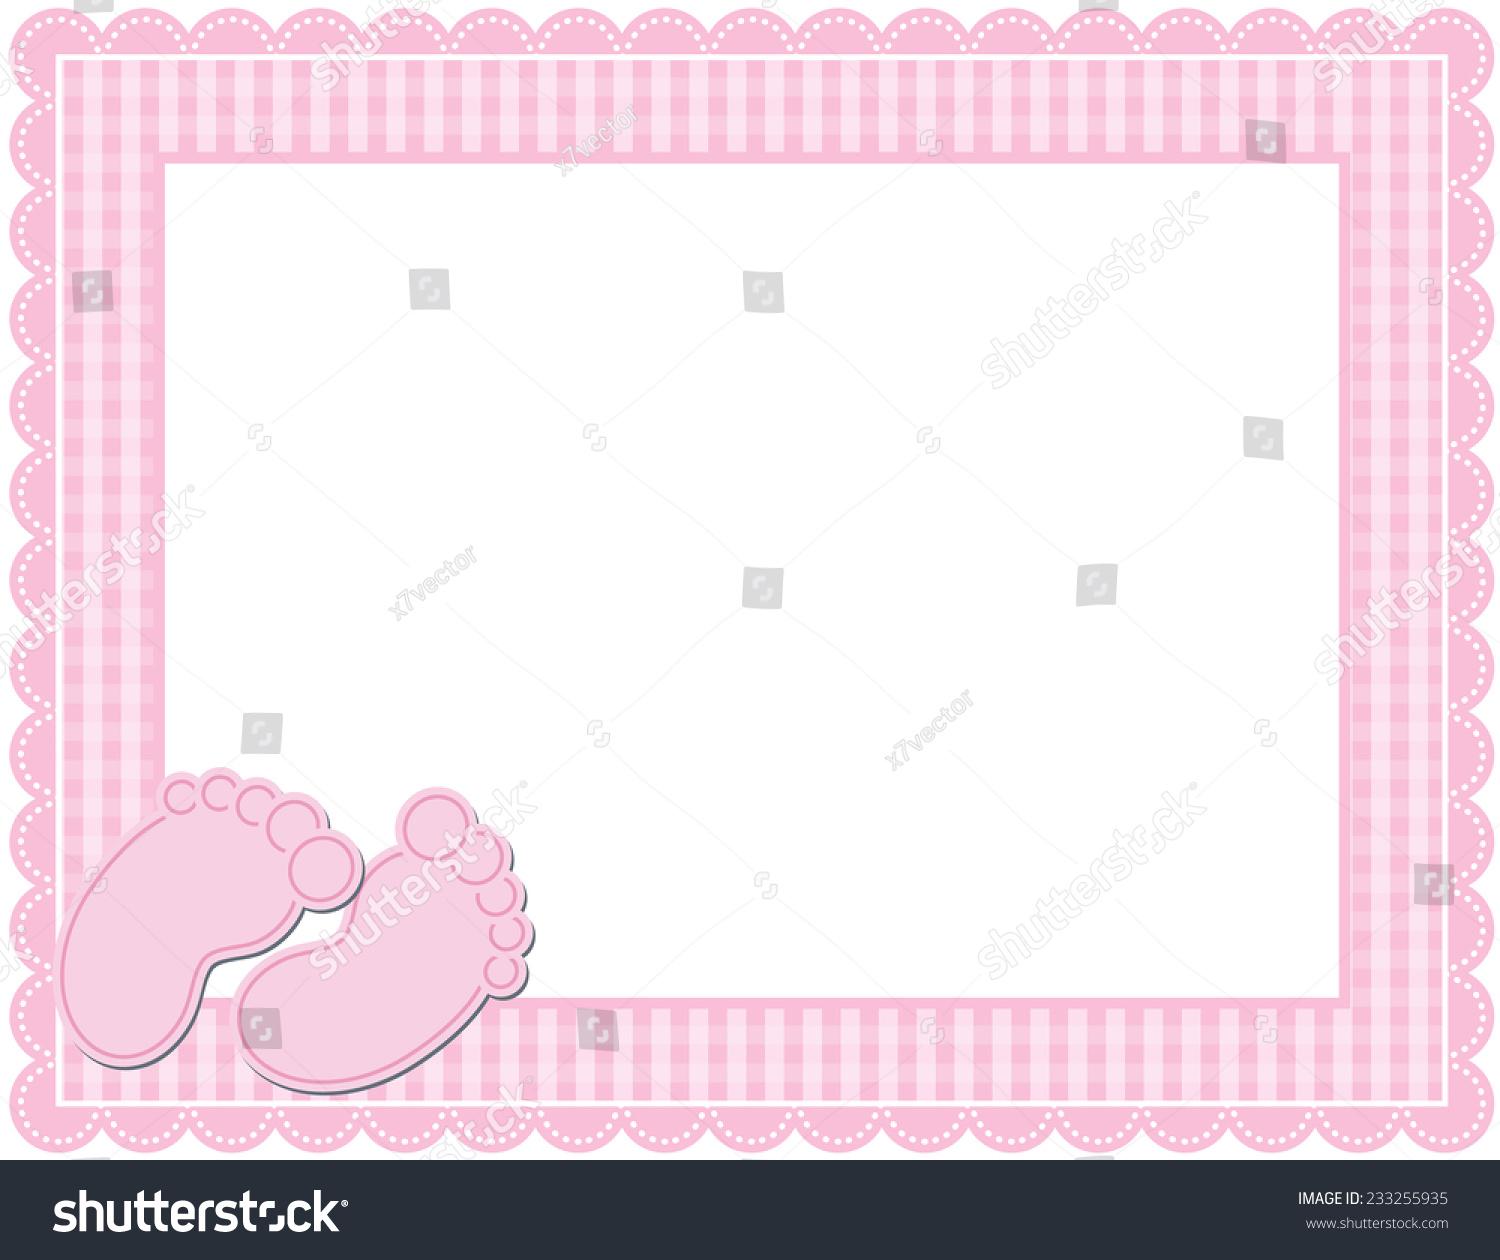 Baby GIRL Gingham Frame Gingham Patterned Frame Stock Illustration ...